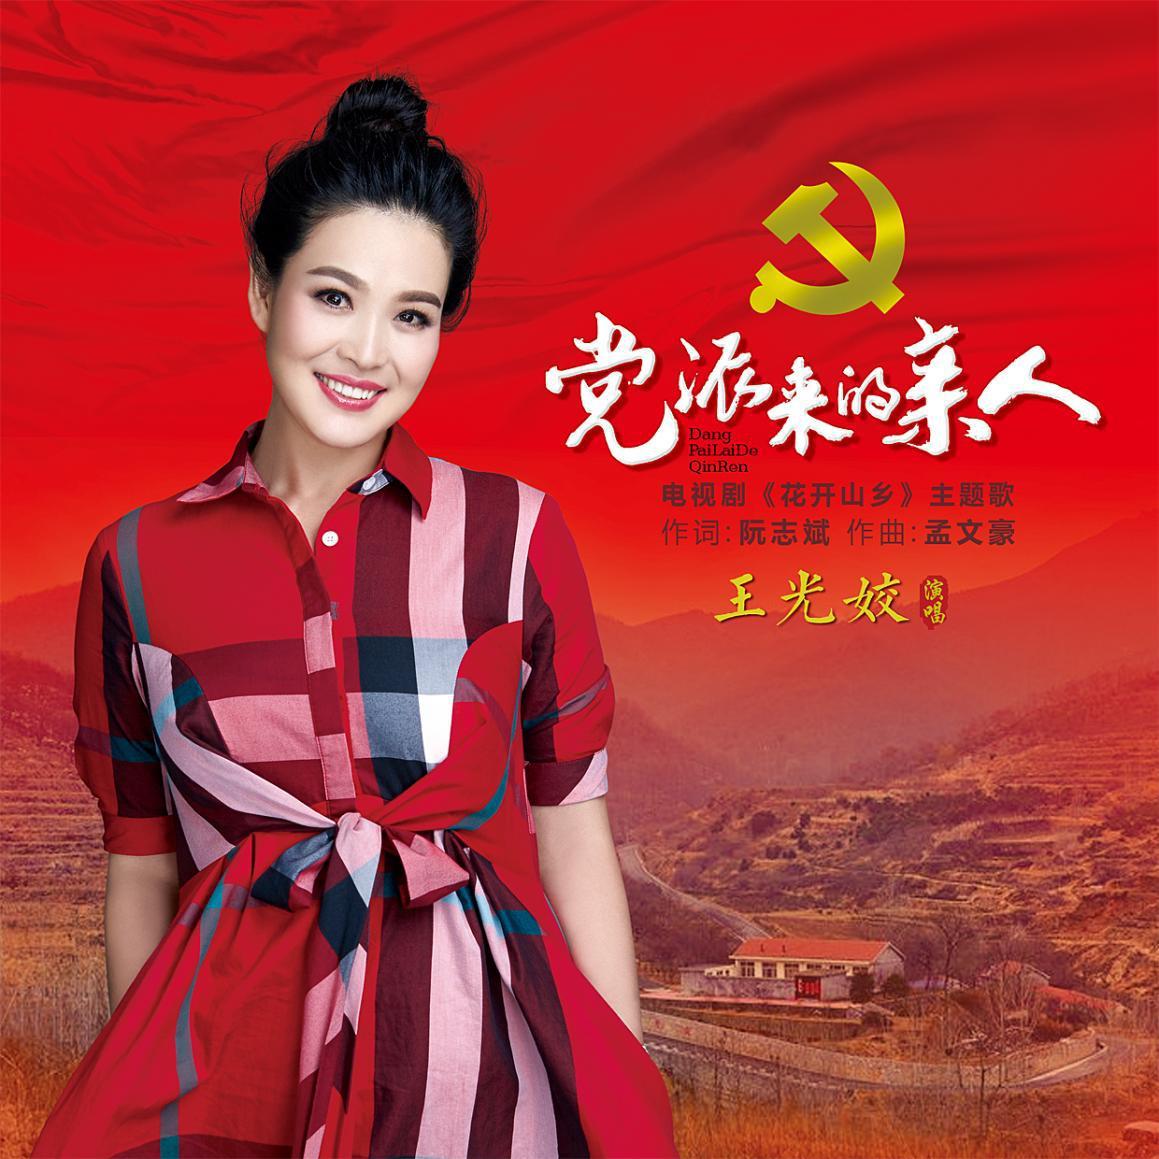 王光姣演唱34集电视剧连续剧《花开山乡》主题曲《党派来的亲人》发行